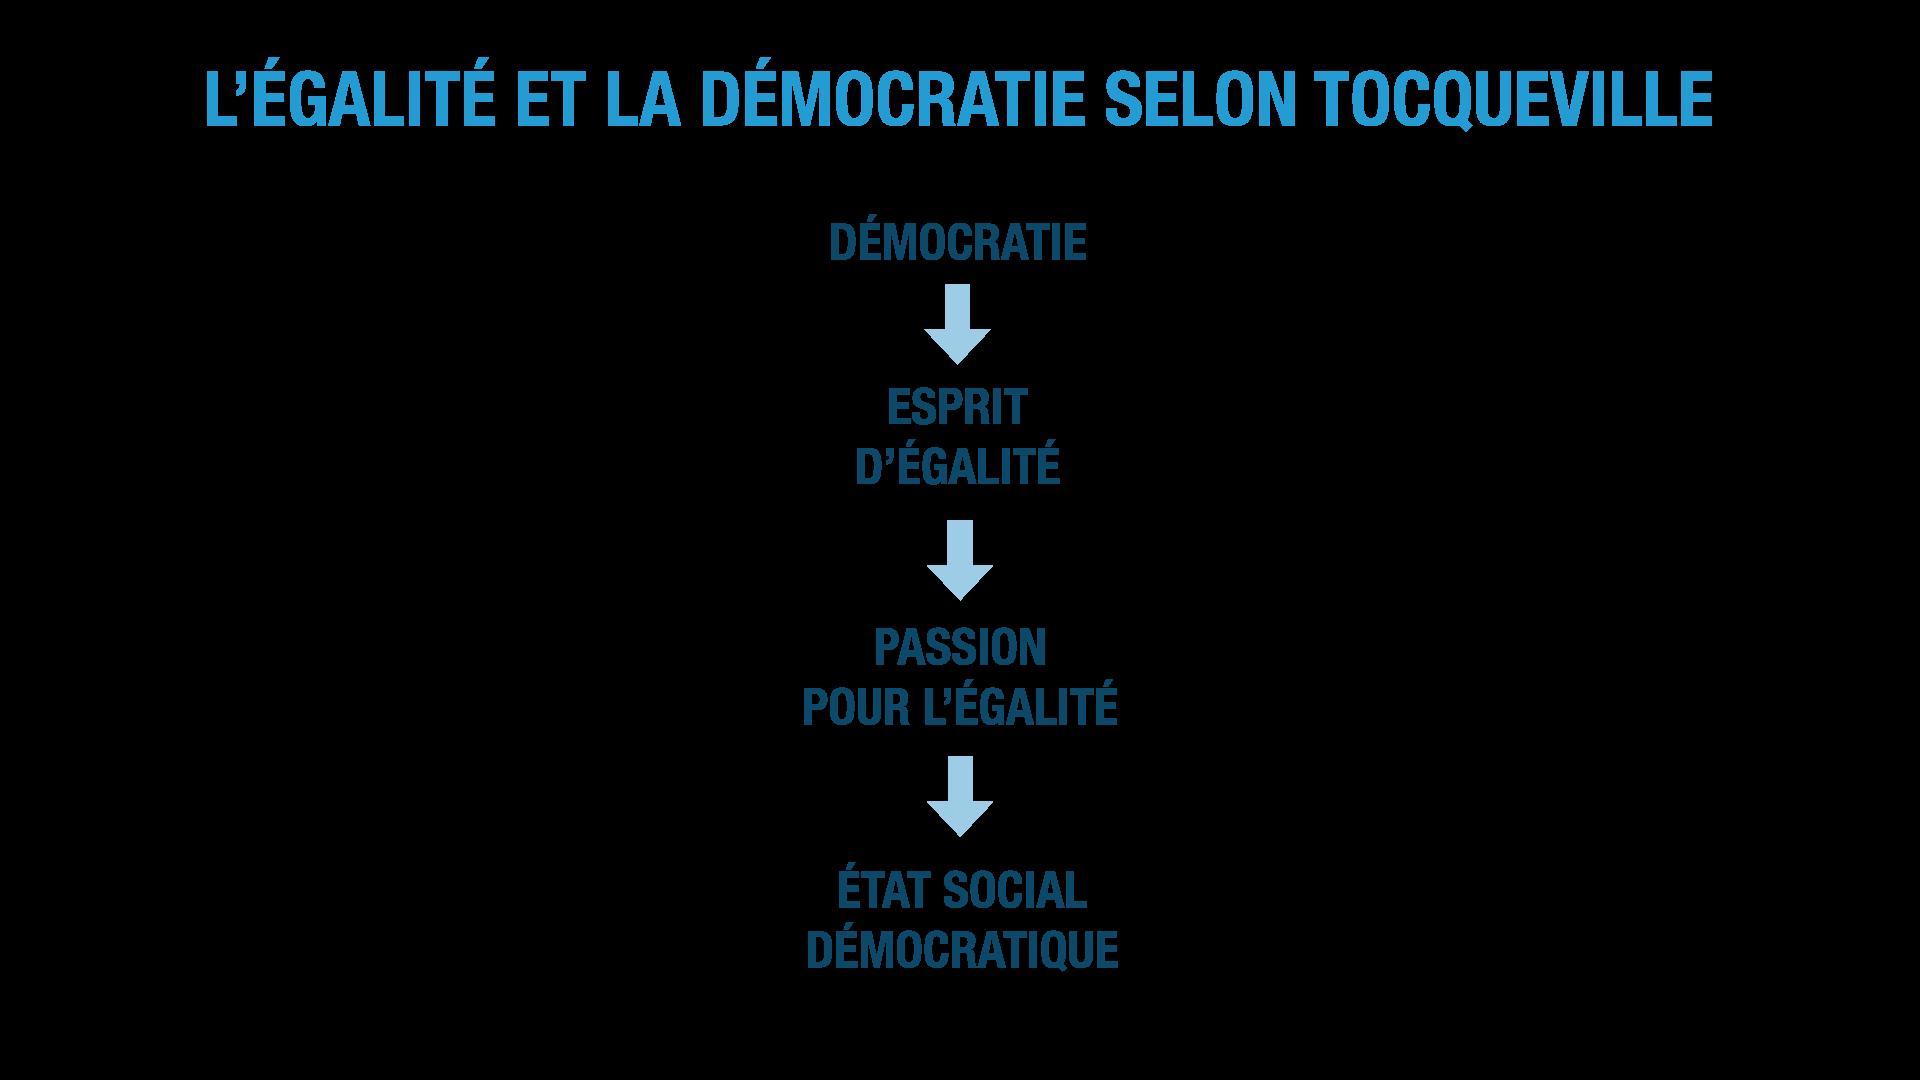 l'égalité et la démocratie selon Tocqueville ses terminale